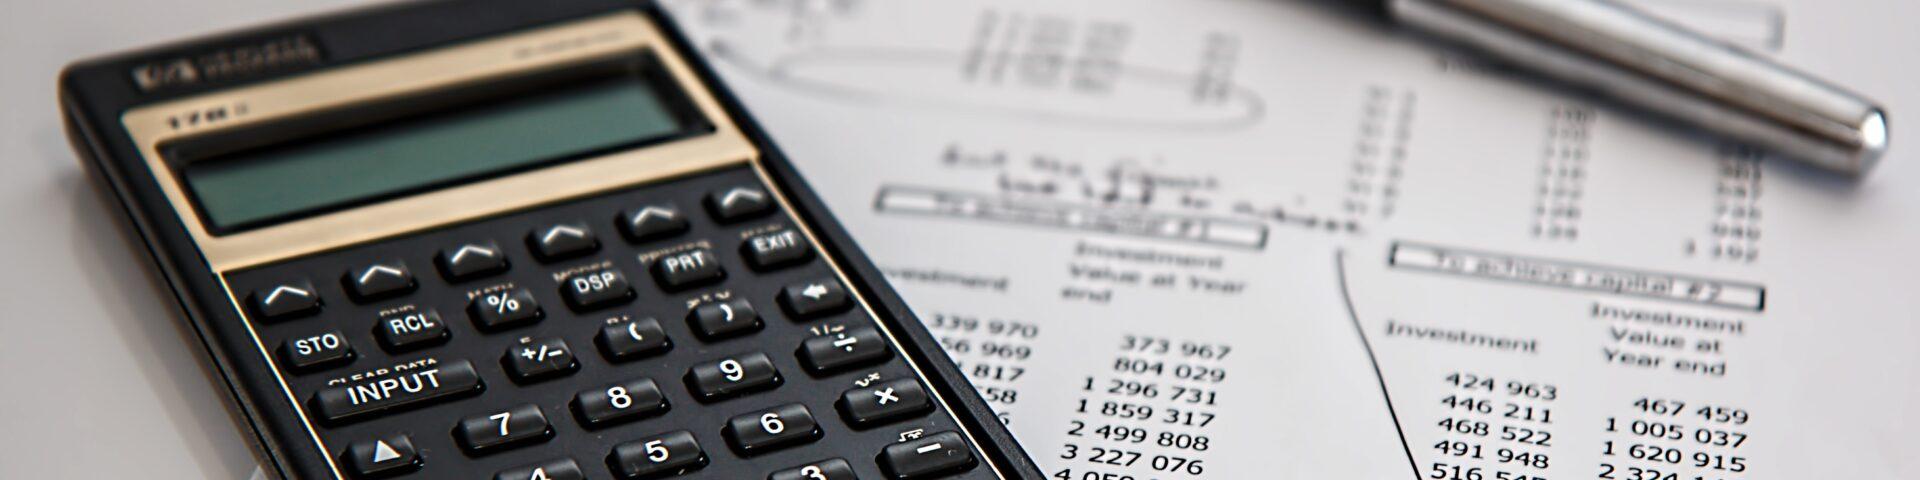 .calculator-calculation-insurance-finance-53621